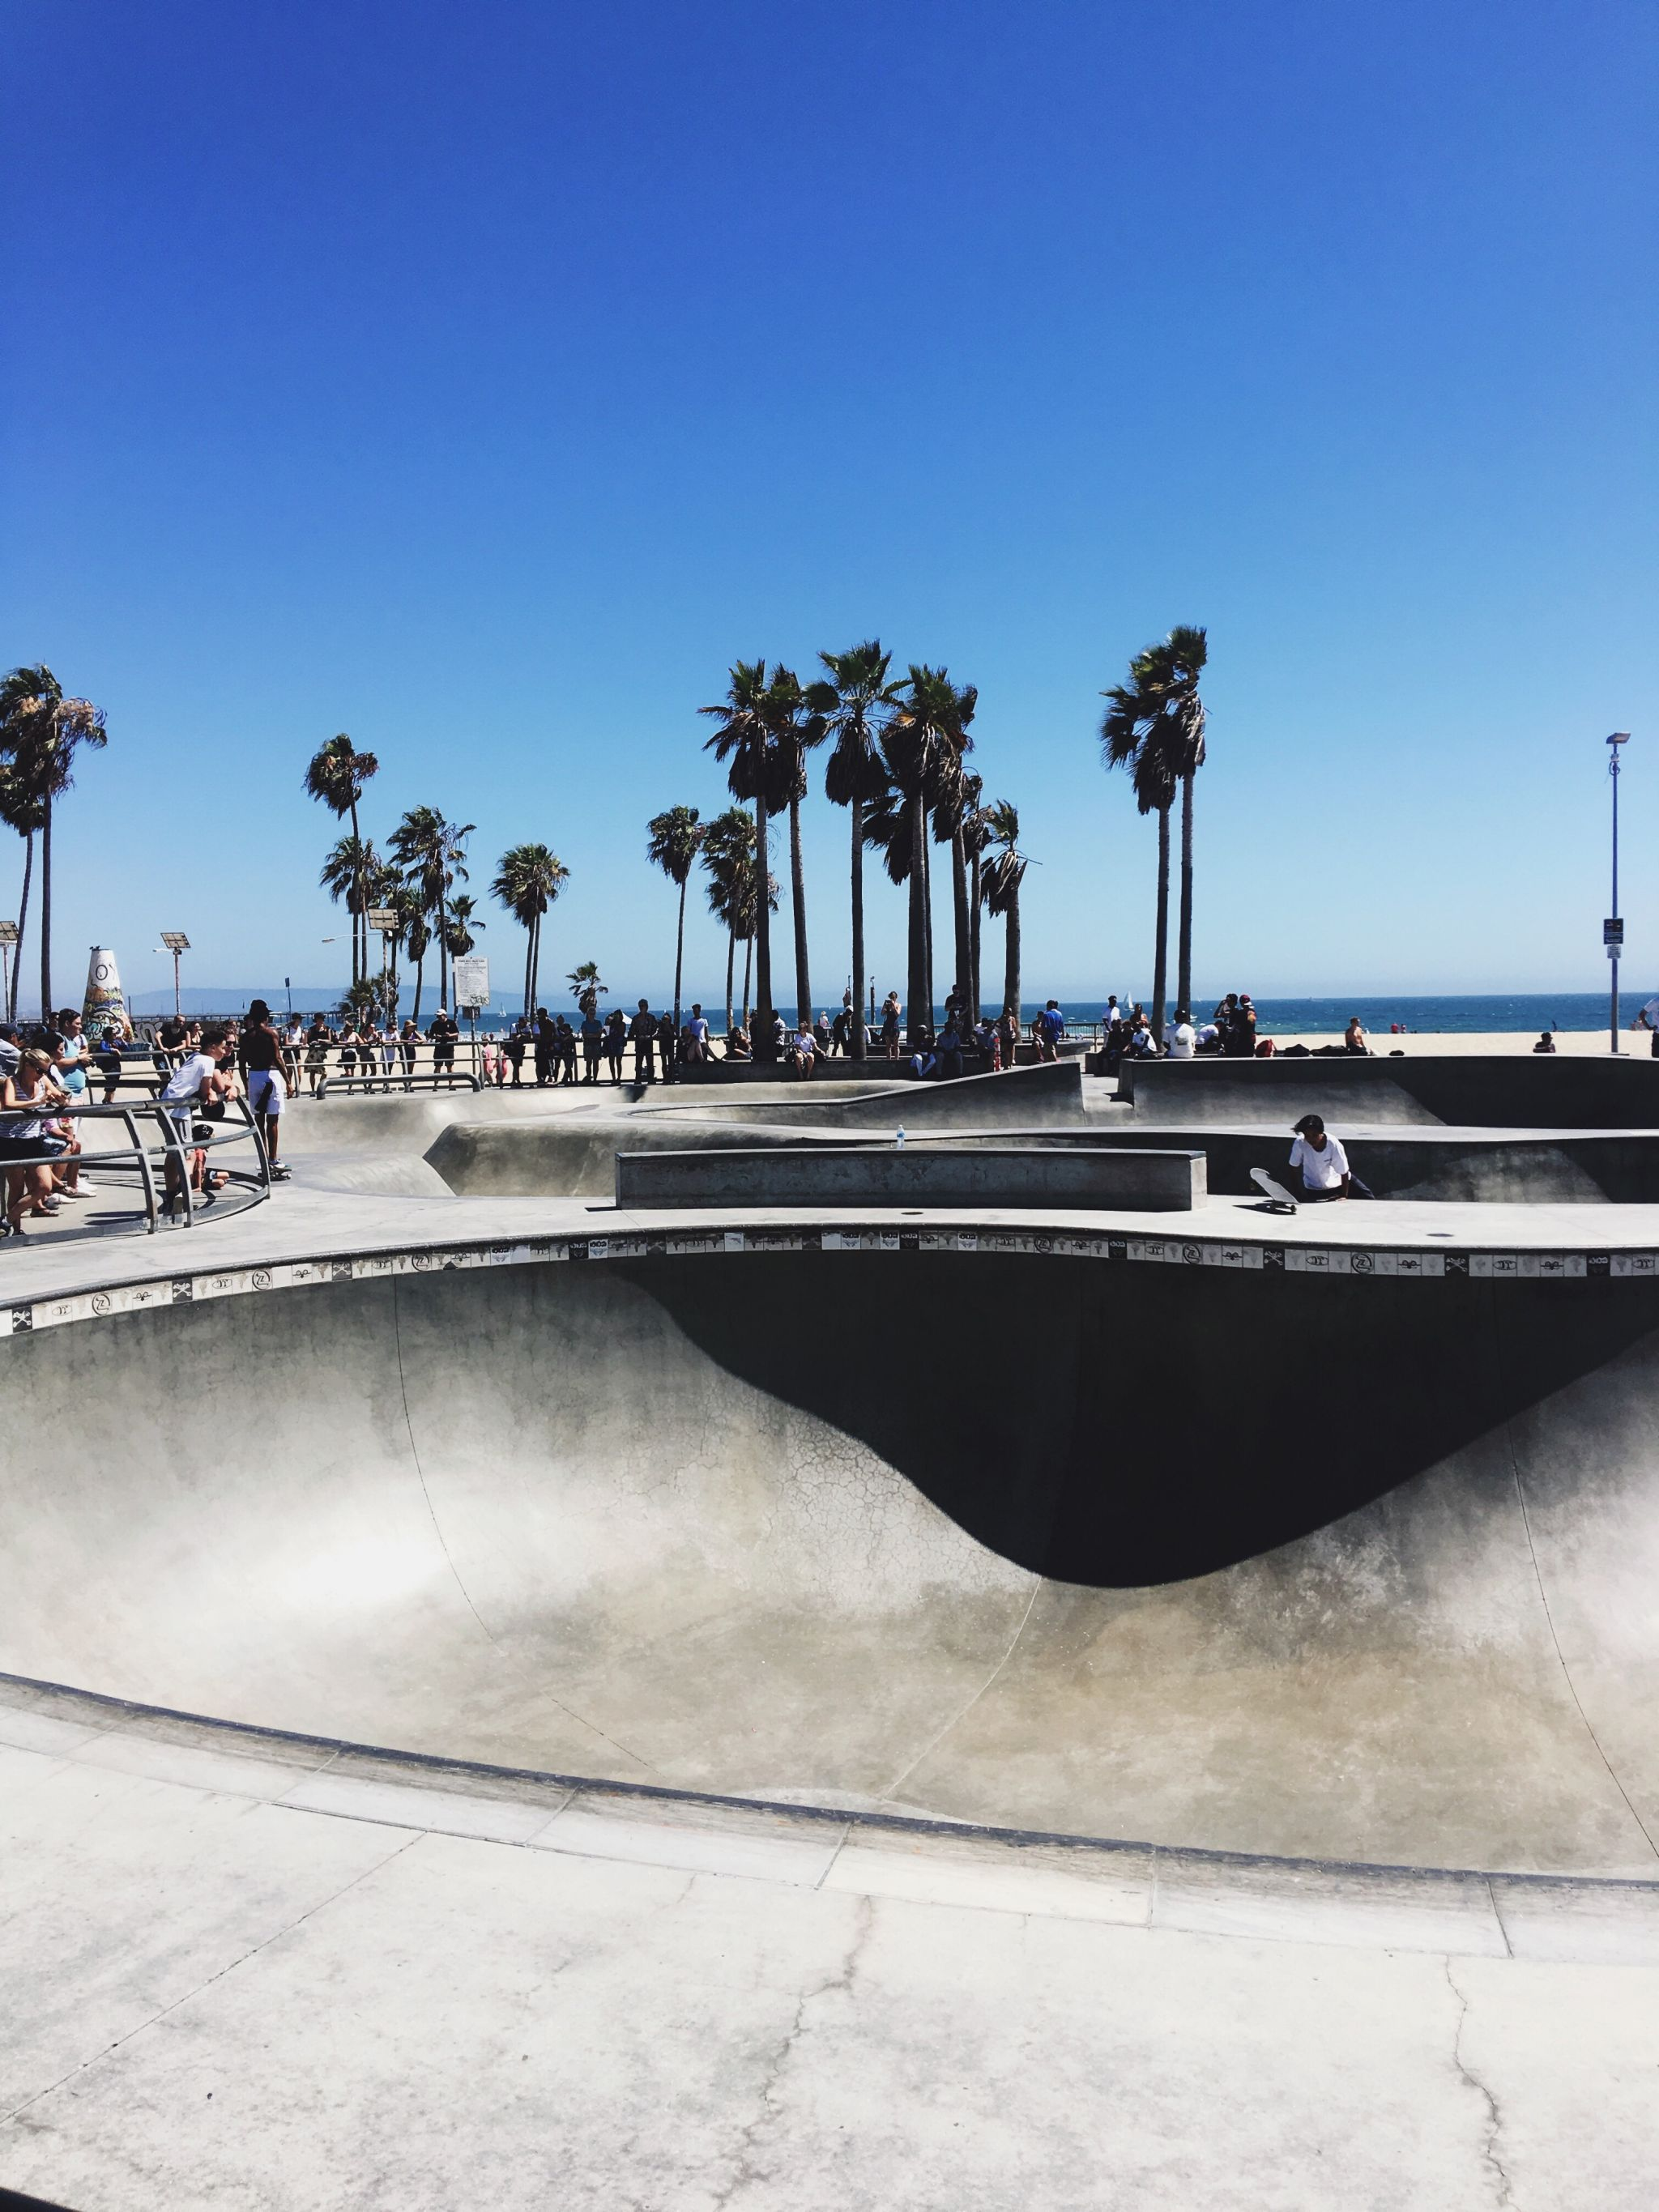 Los Angeles Tipps und Empfehlungen - Venice Beach Skate Park - Reiseblog ü 40